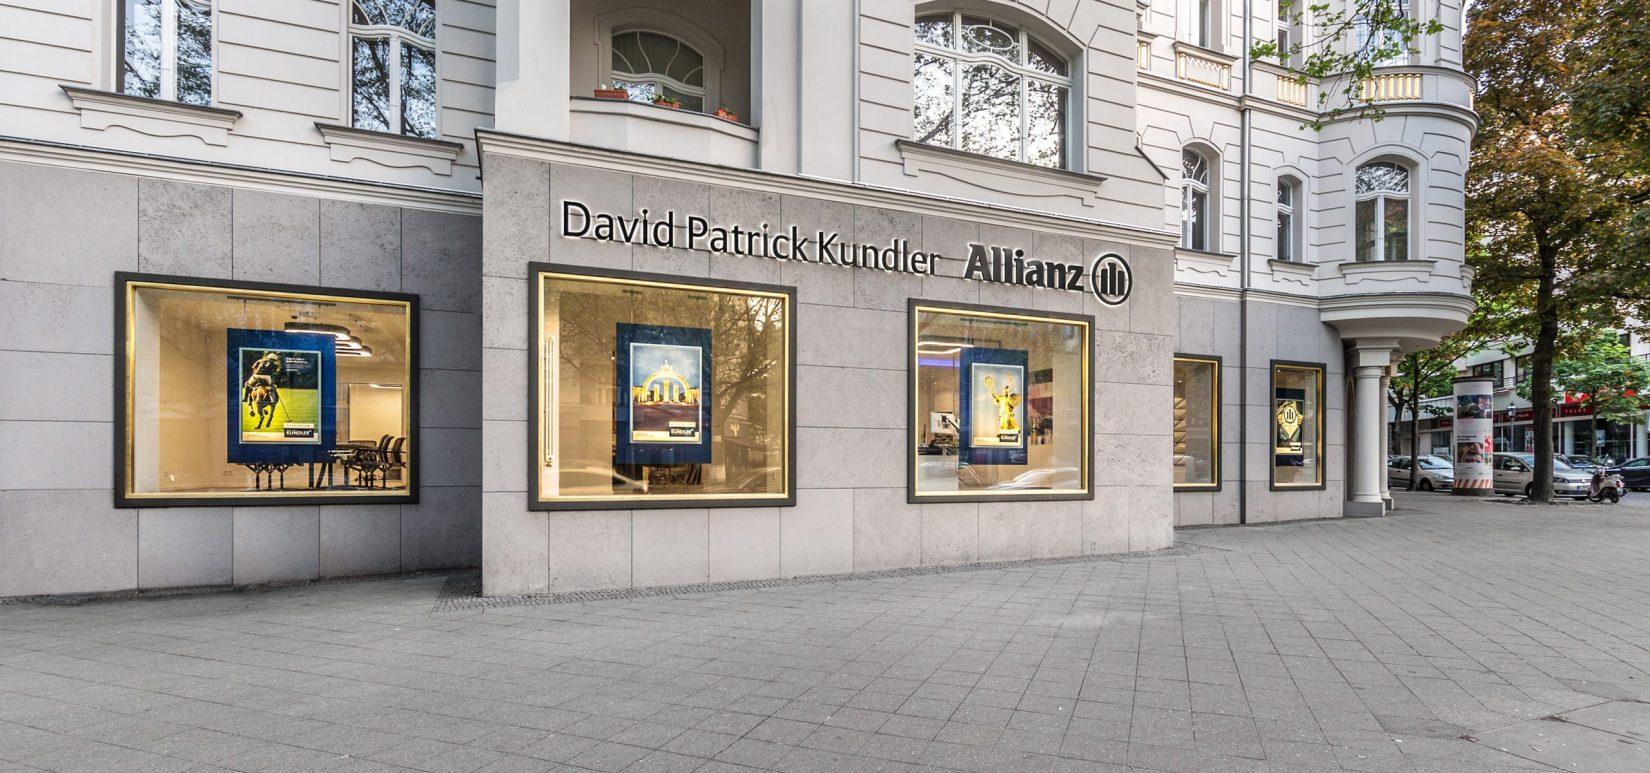 Allianz Versicherung Berlin David Patrick Kundler: Die Nr. 1 der Allianz für Versicherung und Finanzierung in Berlin und Deutschland – Vertrauen Sie auf die globale Reichweite und Solidität der Allianz Versicherung.